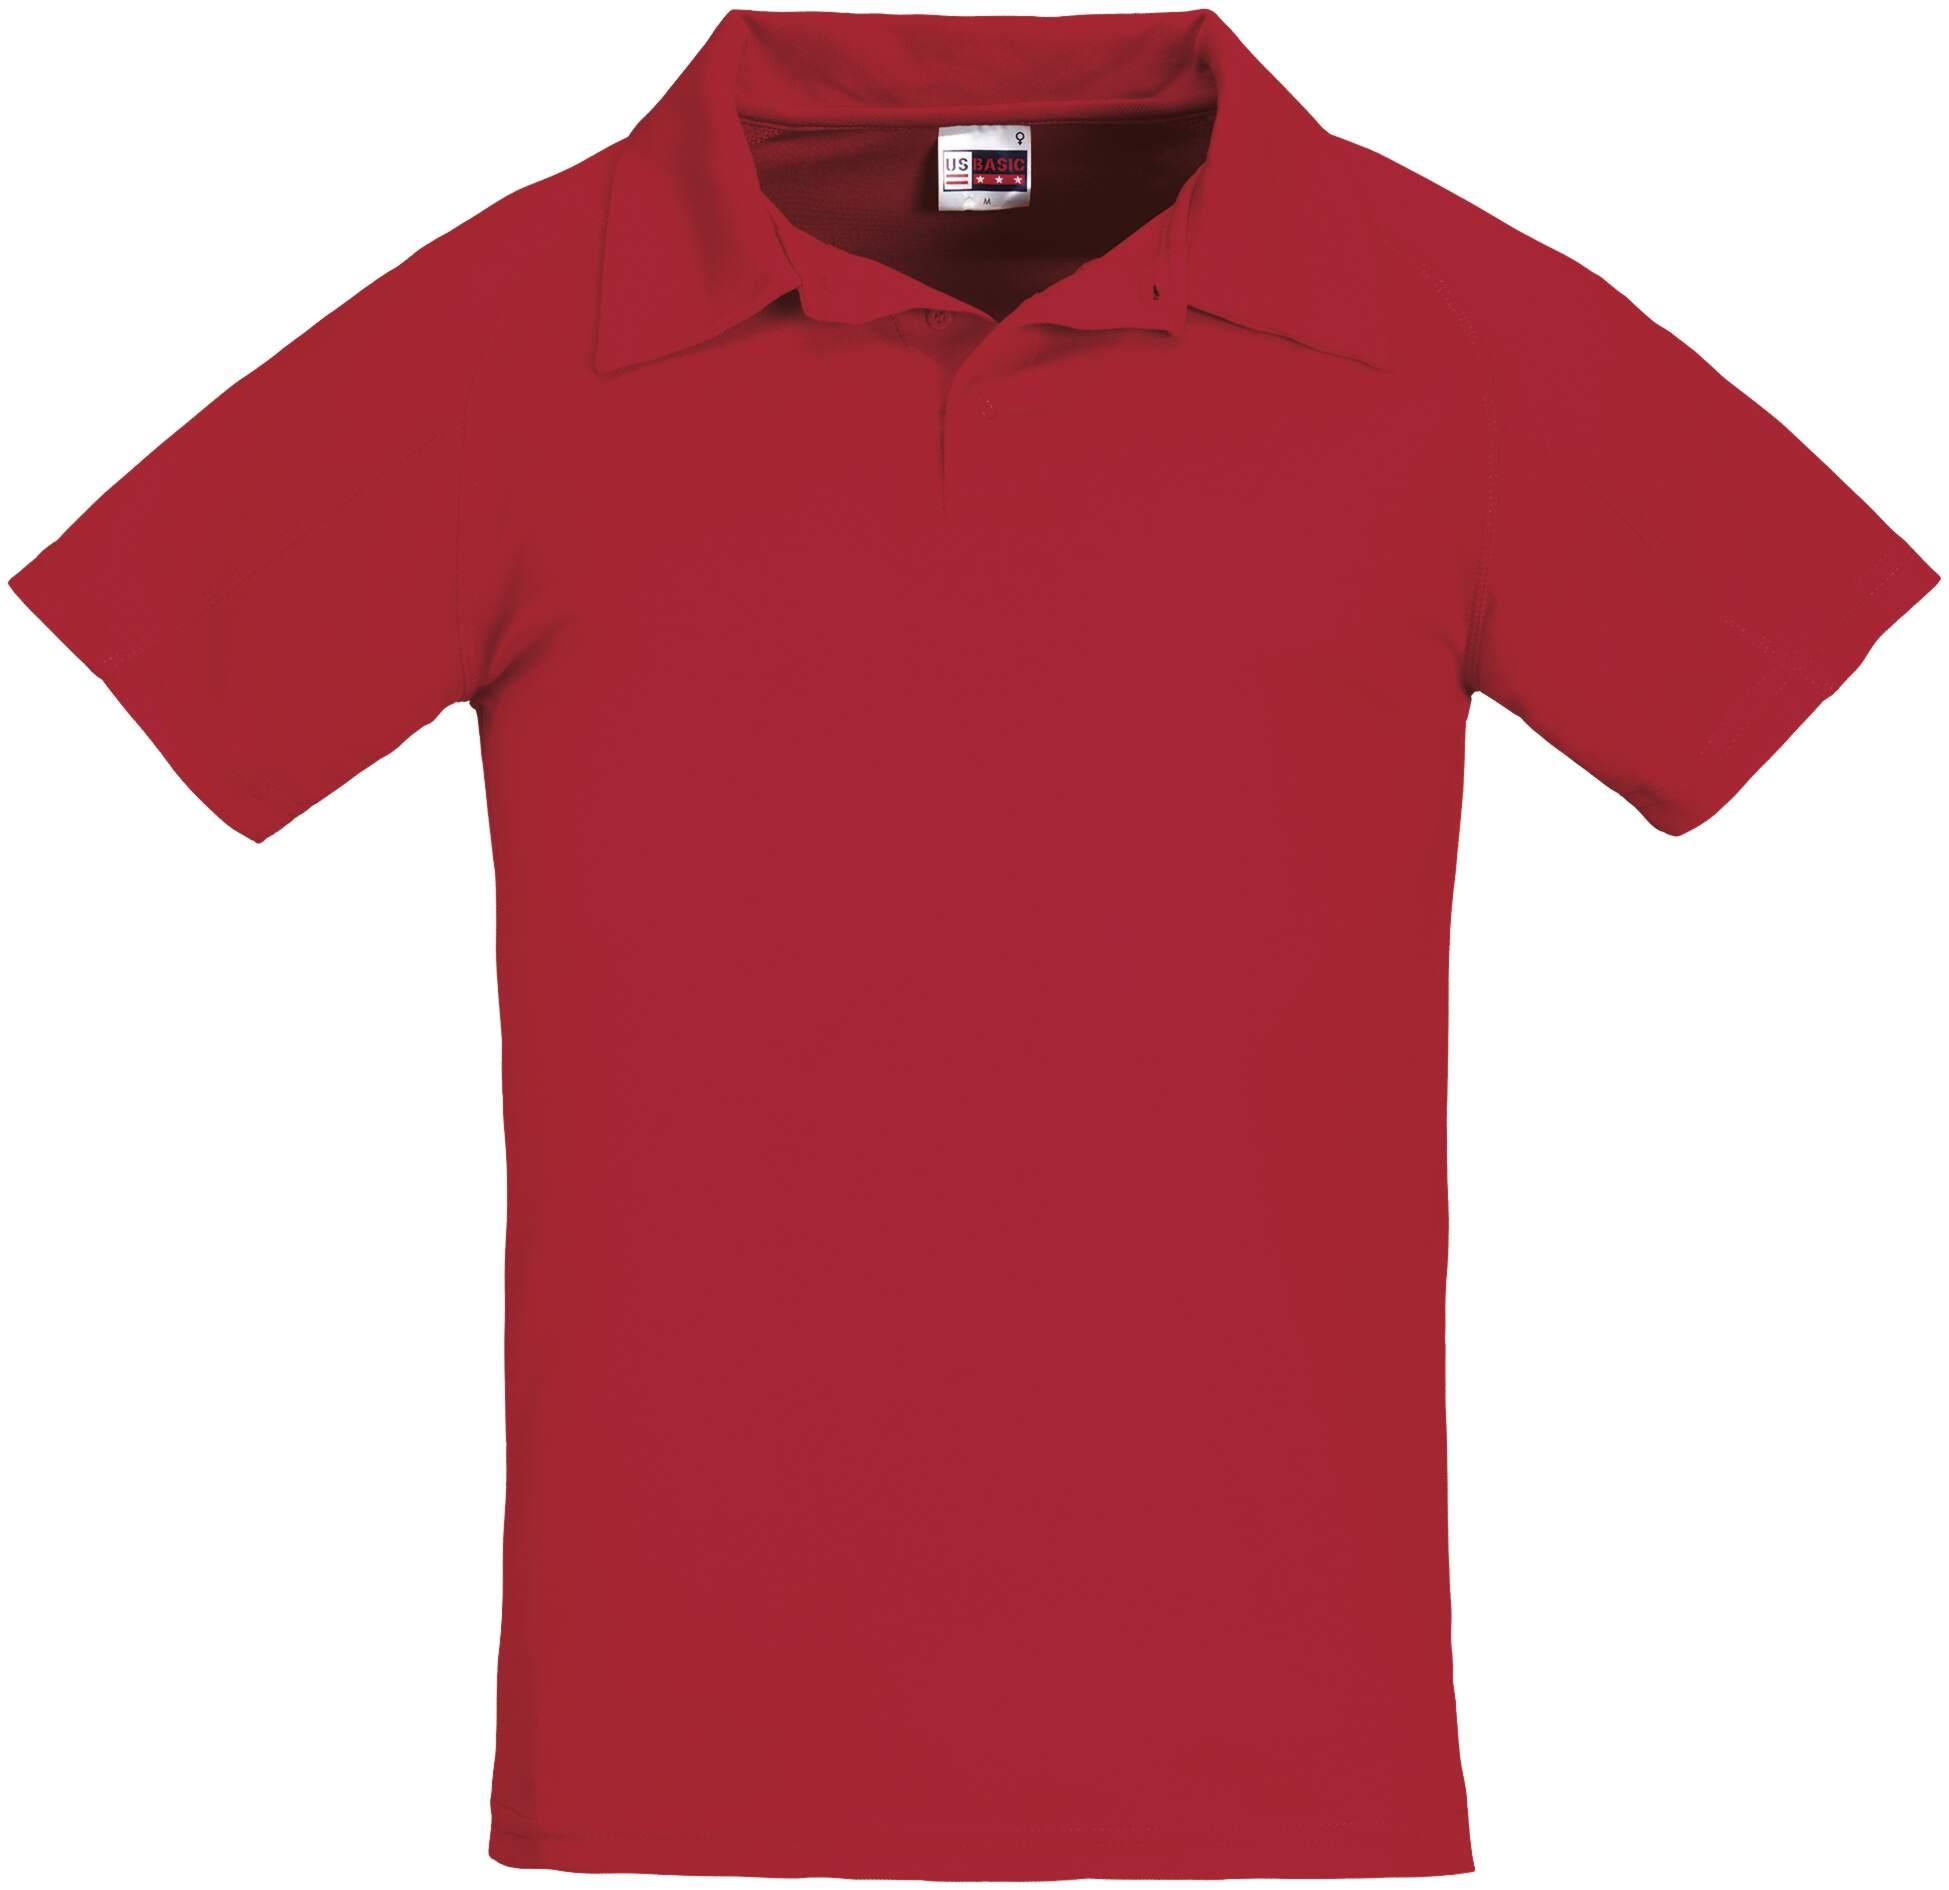 Koszulki Polo US 31098 Cool Fit - 31098_czerwony_US - Kolor: Czerwony